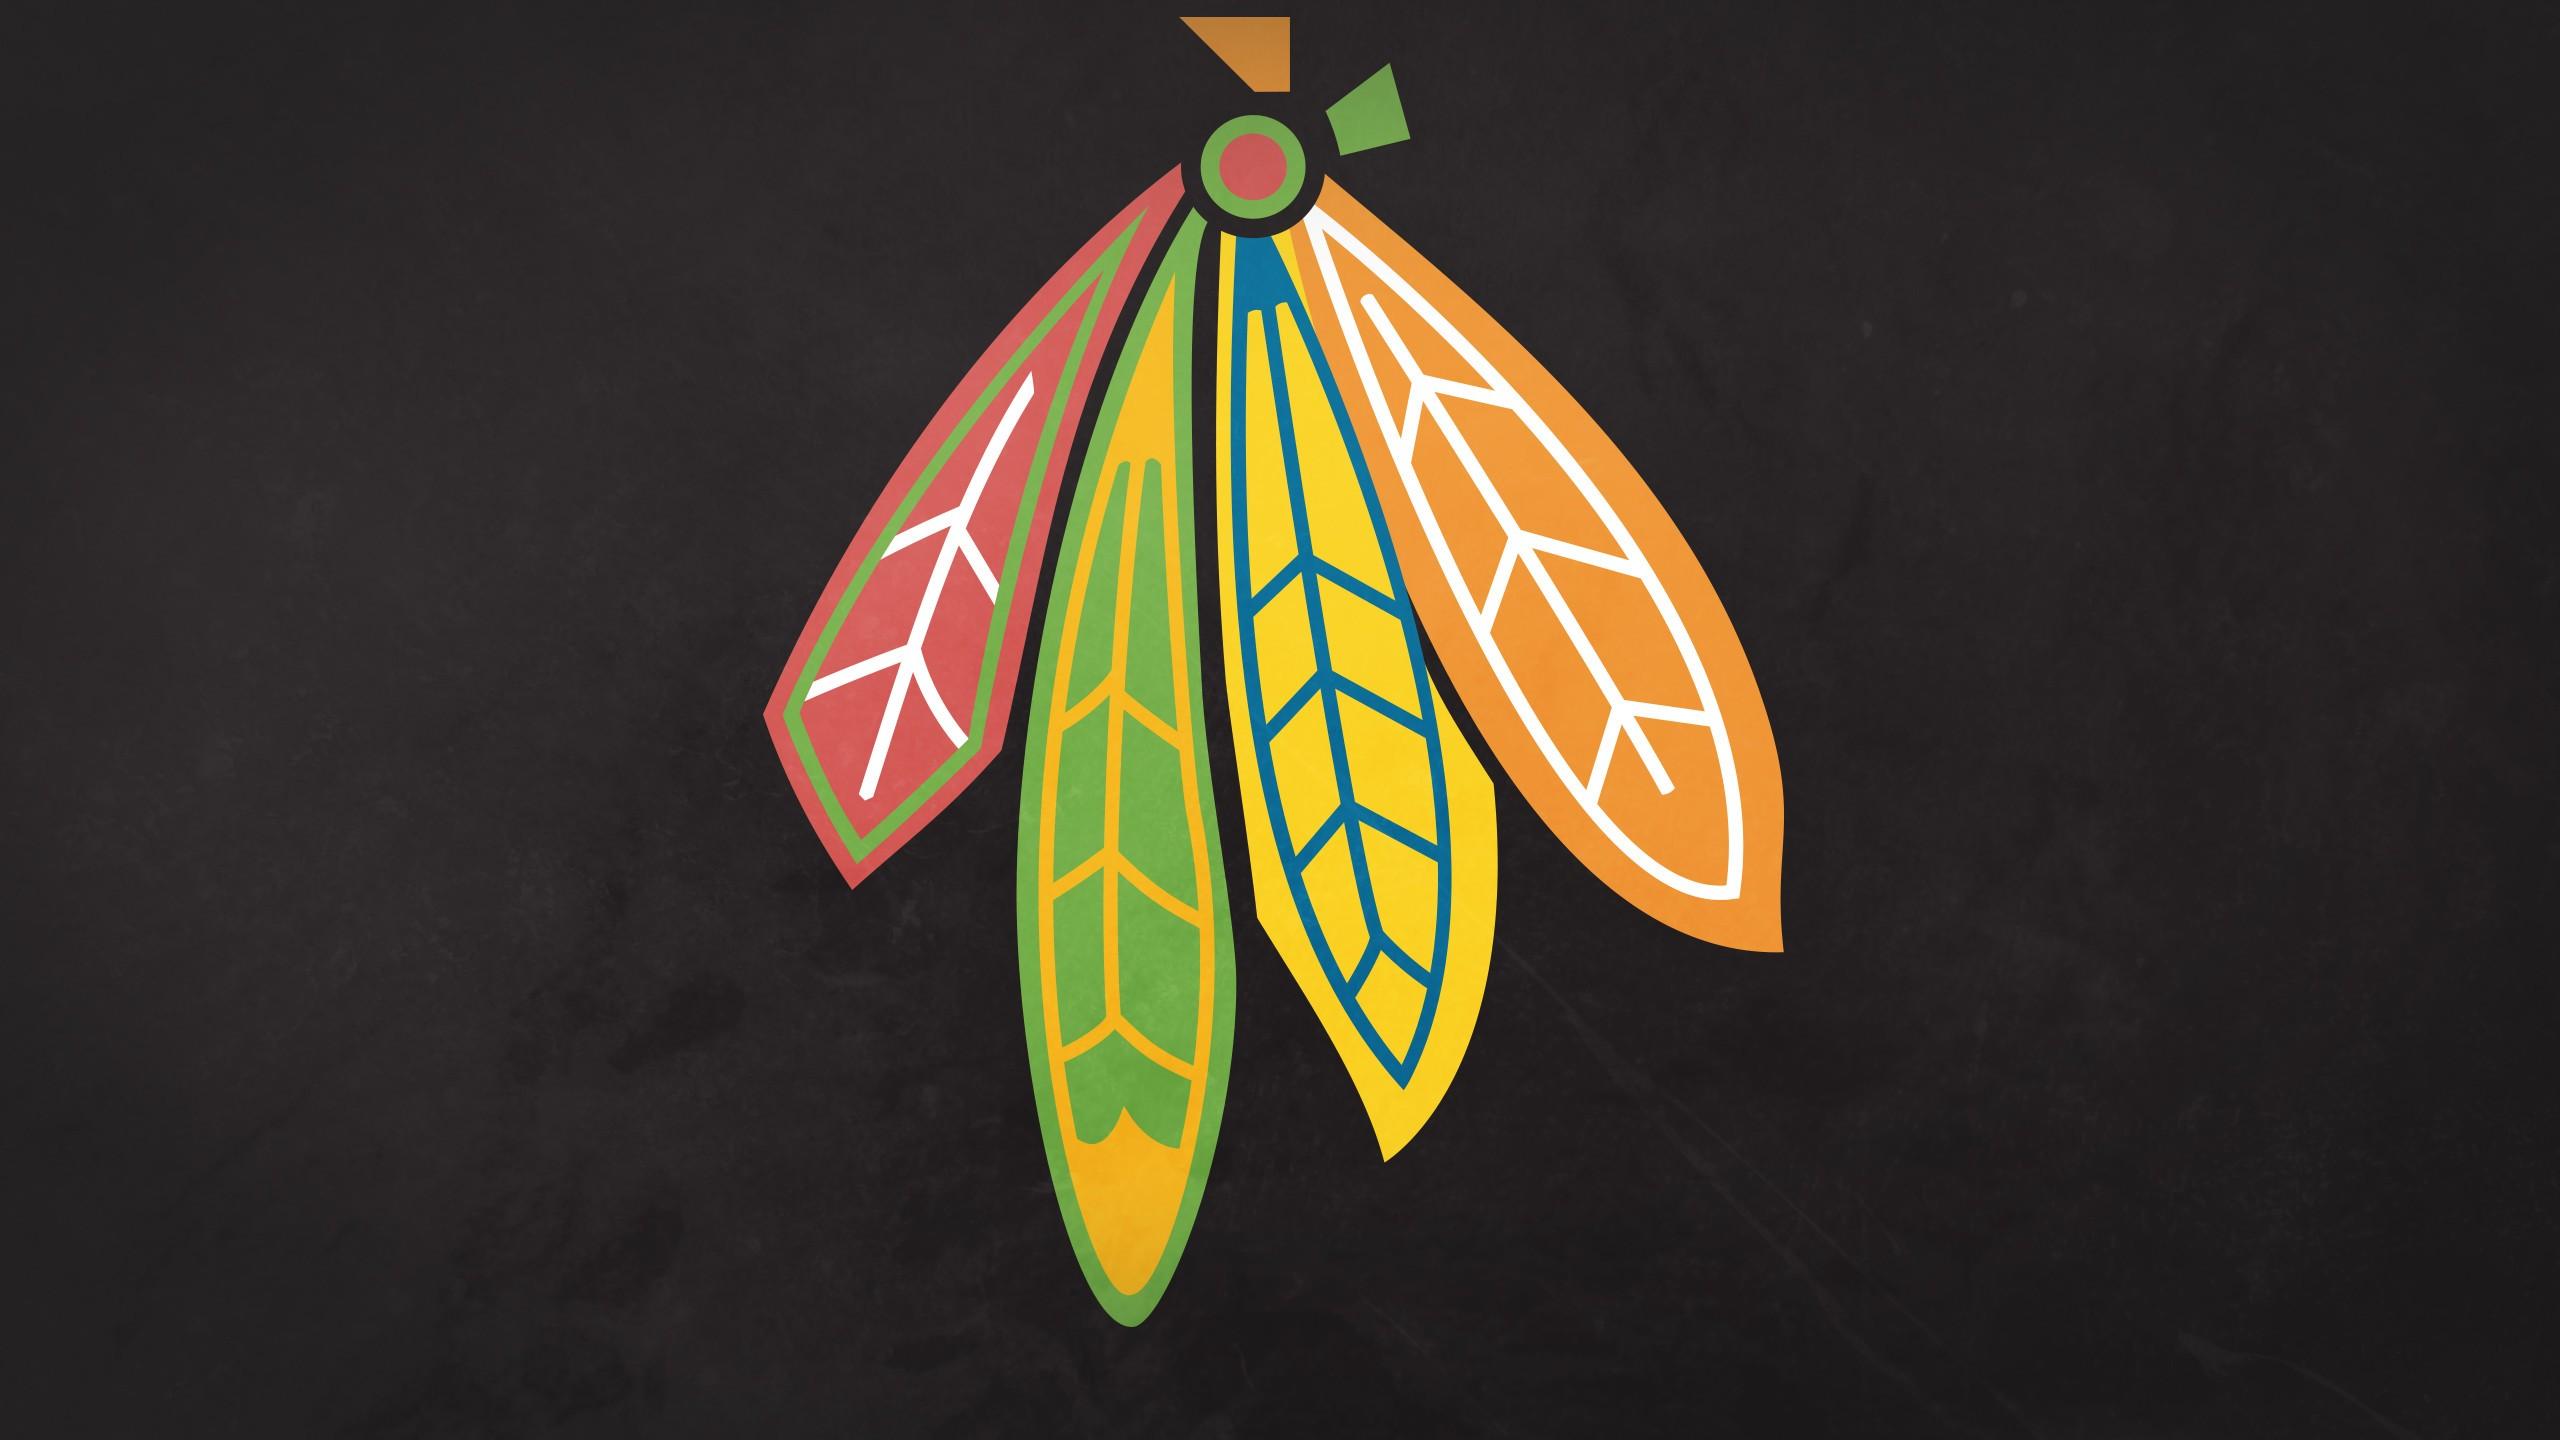 Sport Wallpaper Chicago Blackhawks: Chicago Blackhawks HD Wallpaper